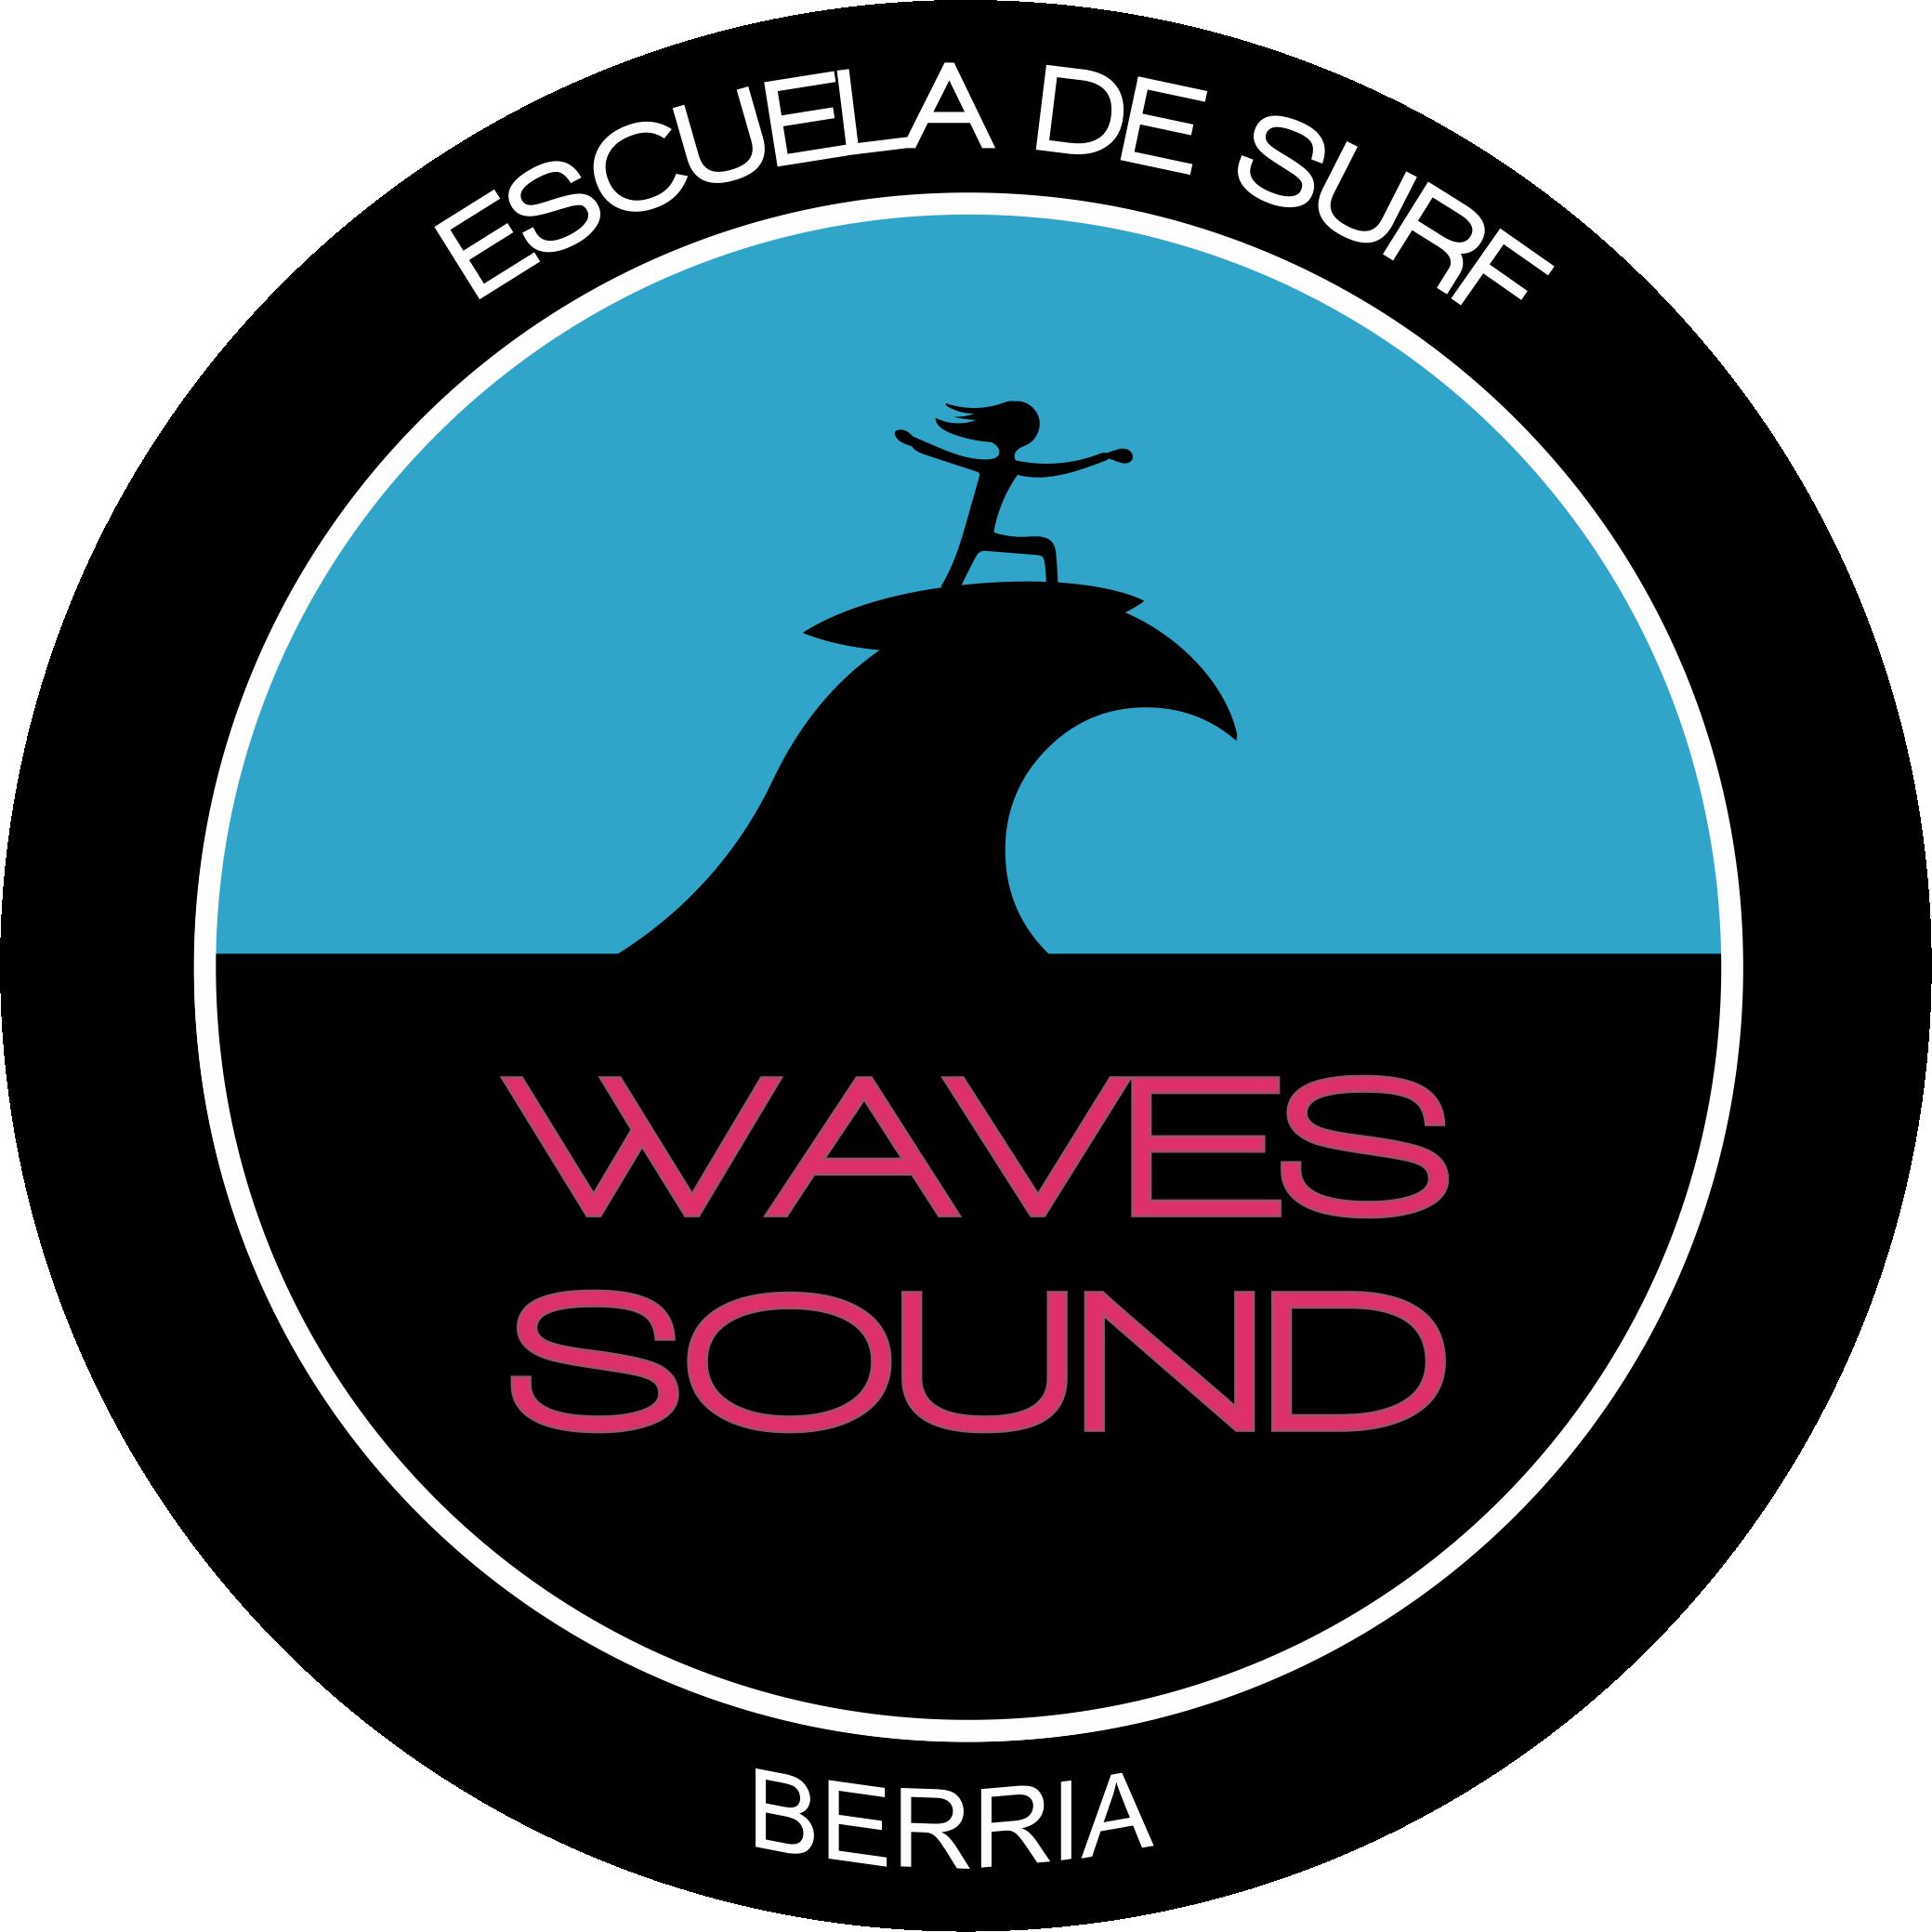 Waves Sound - Escuela de Surf